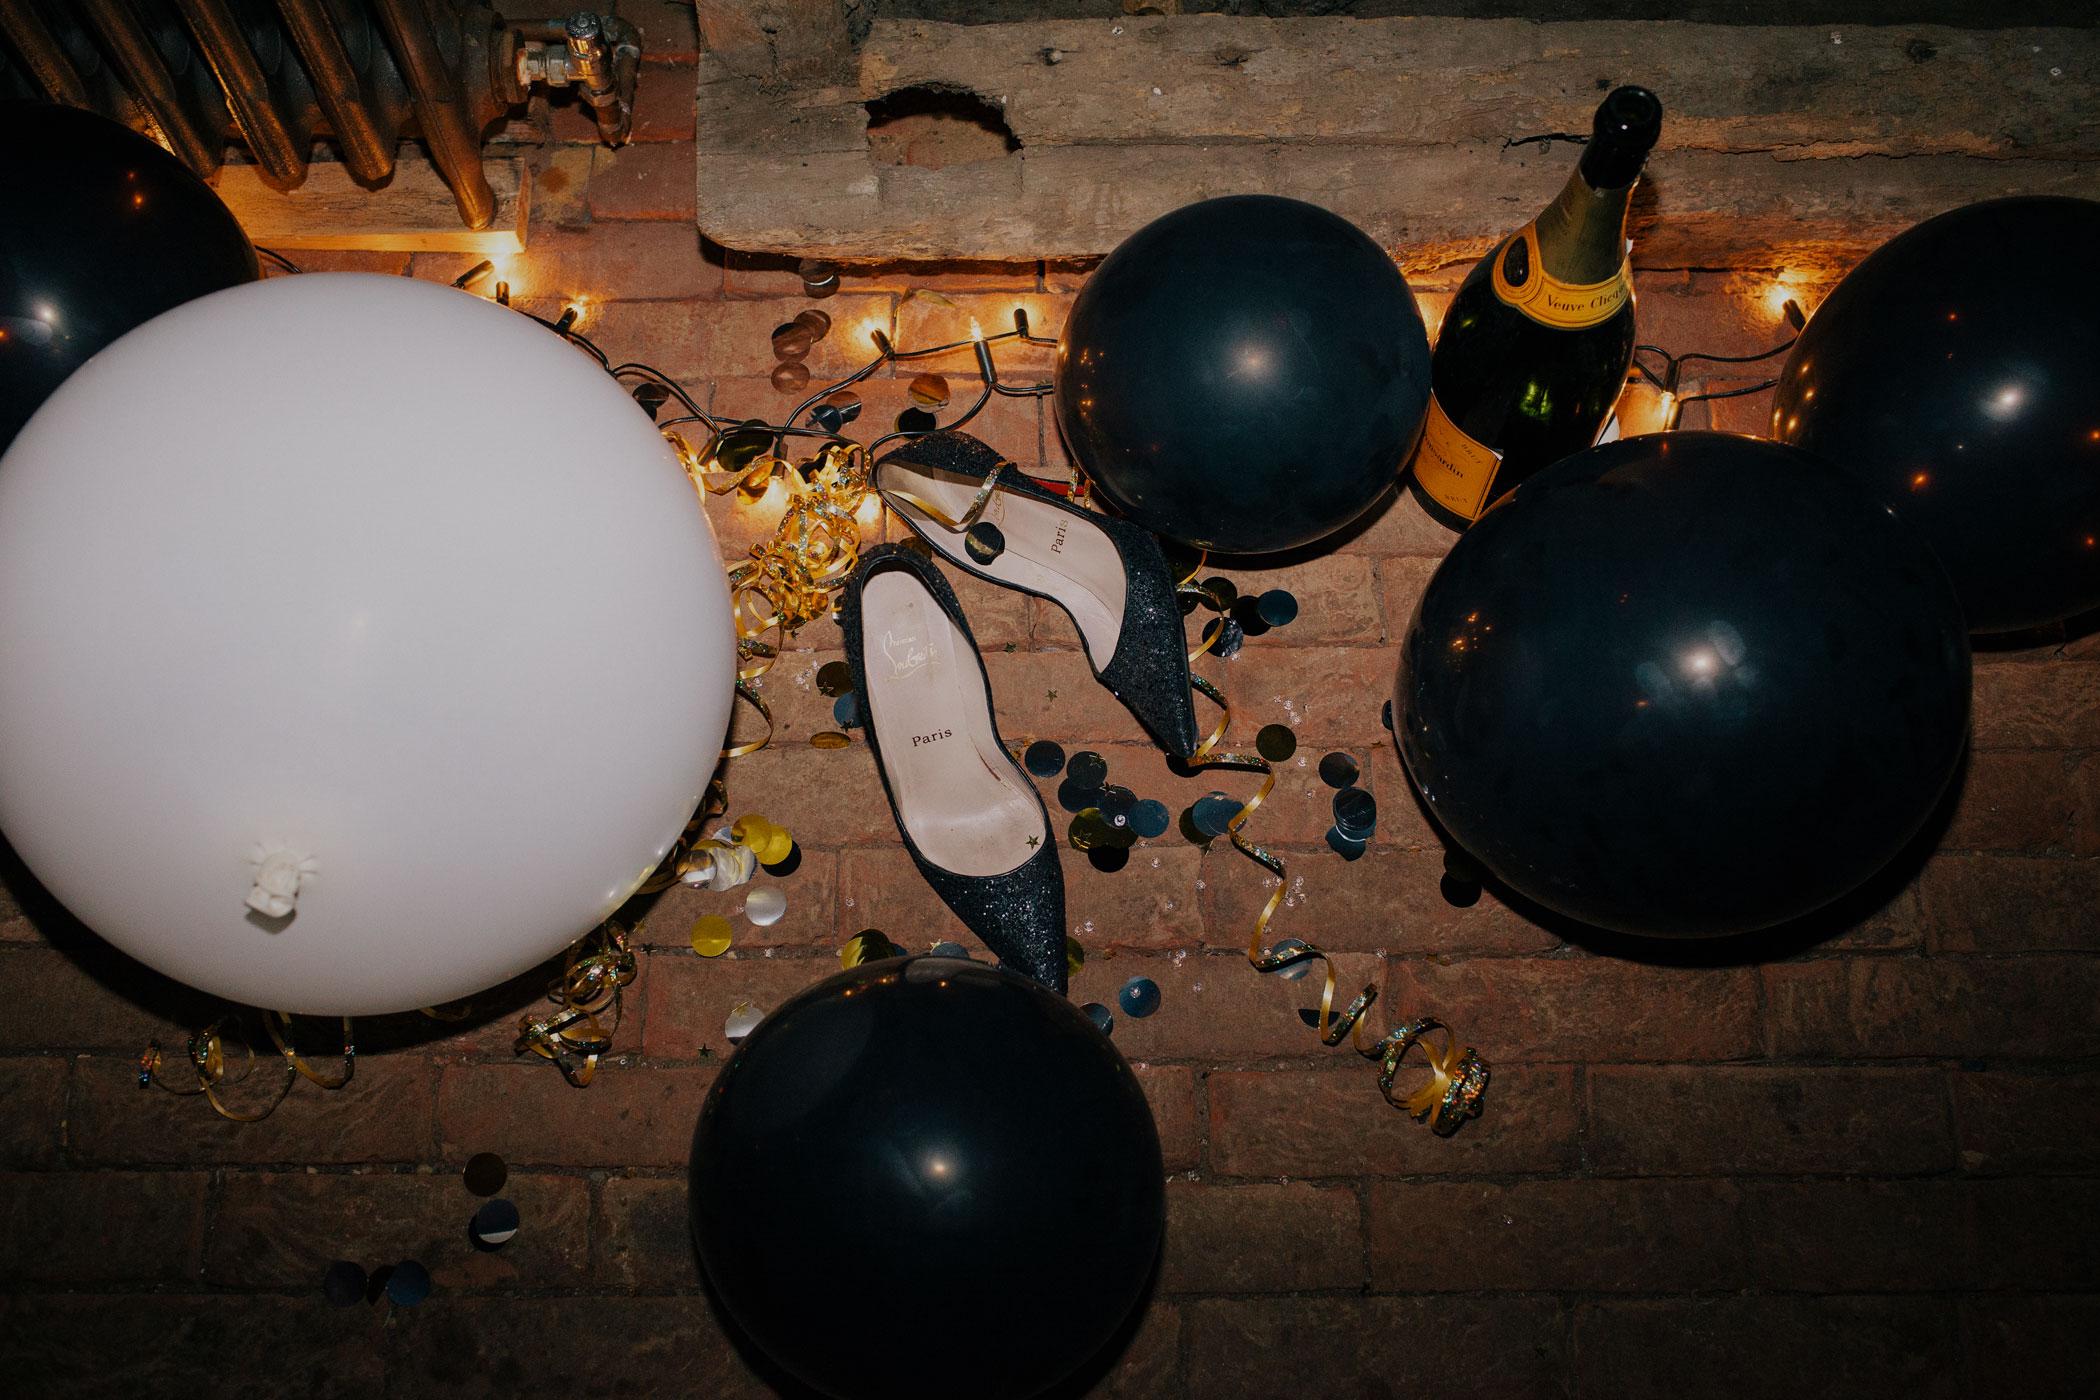 Parties Slide 1